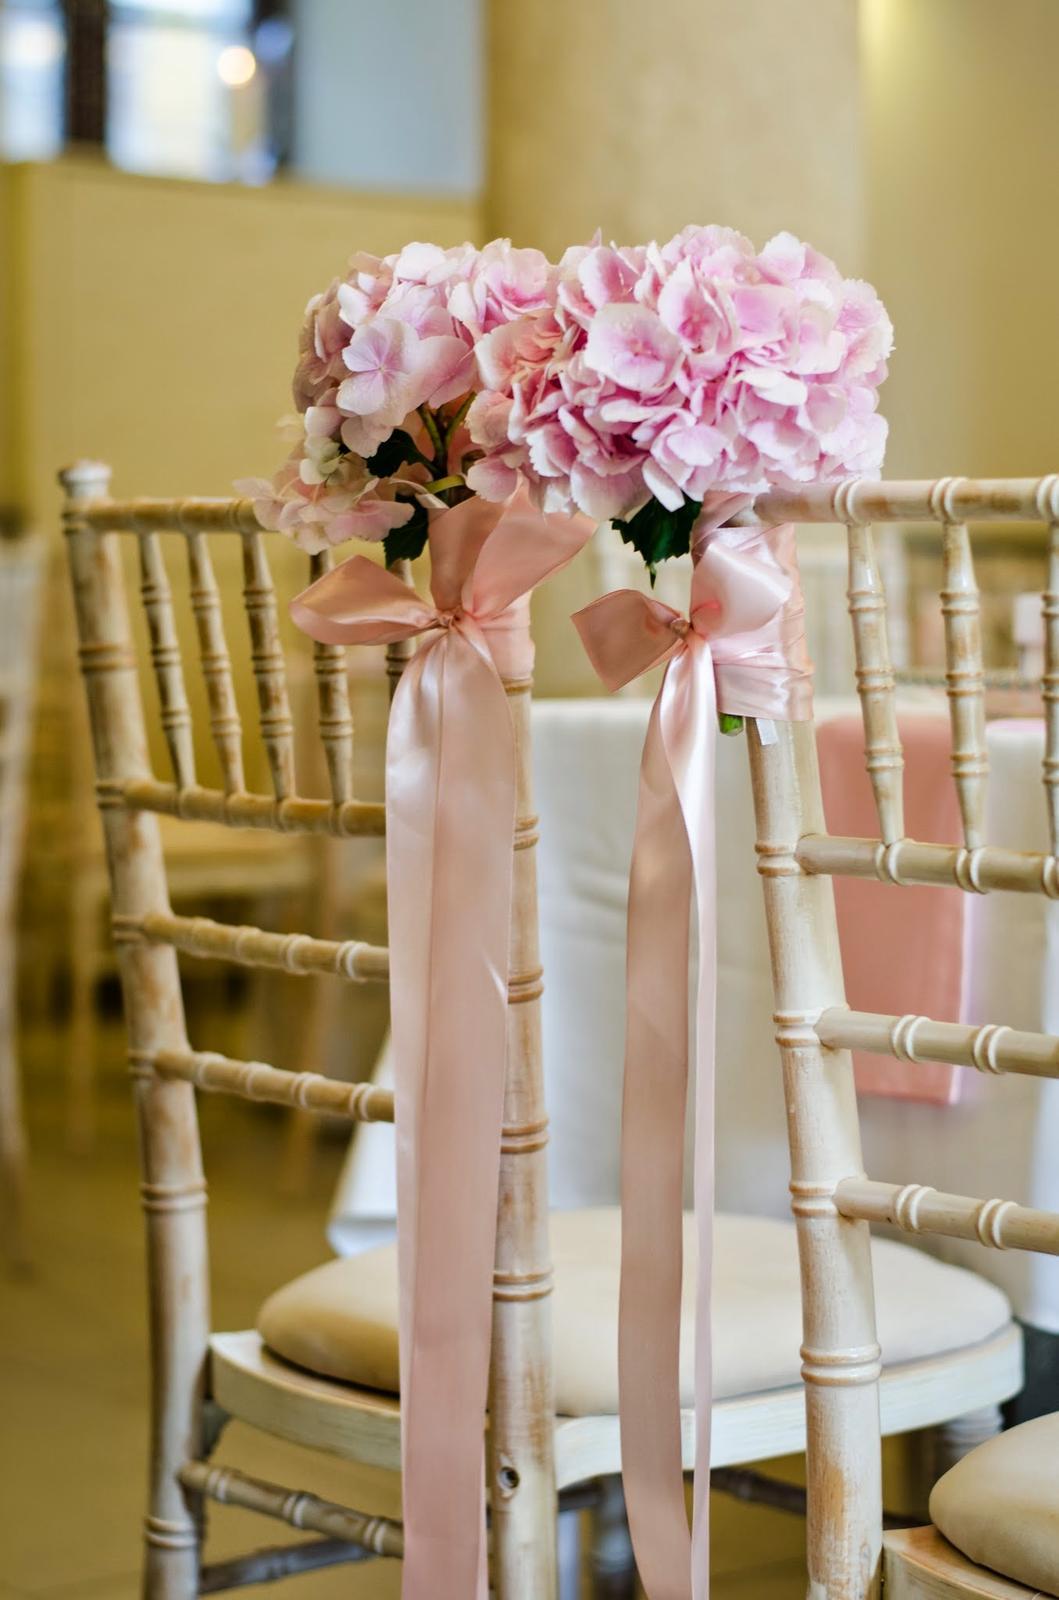 Romantická svadbička Ž♥S na hrade:-) - Romantická svadbička Ž♥S na hrade:-) Miesto: Reštaurácia Hrad, Foto: Zuzana Tóthová, Výzdoba, kvety, chiavari stoličky: Decor2Love